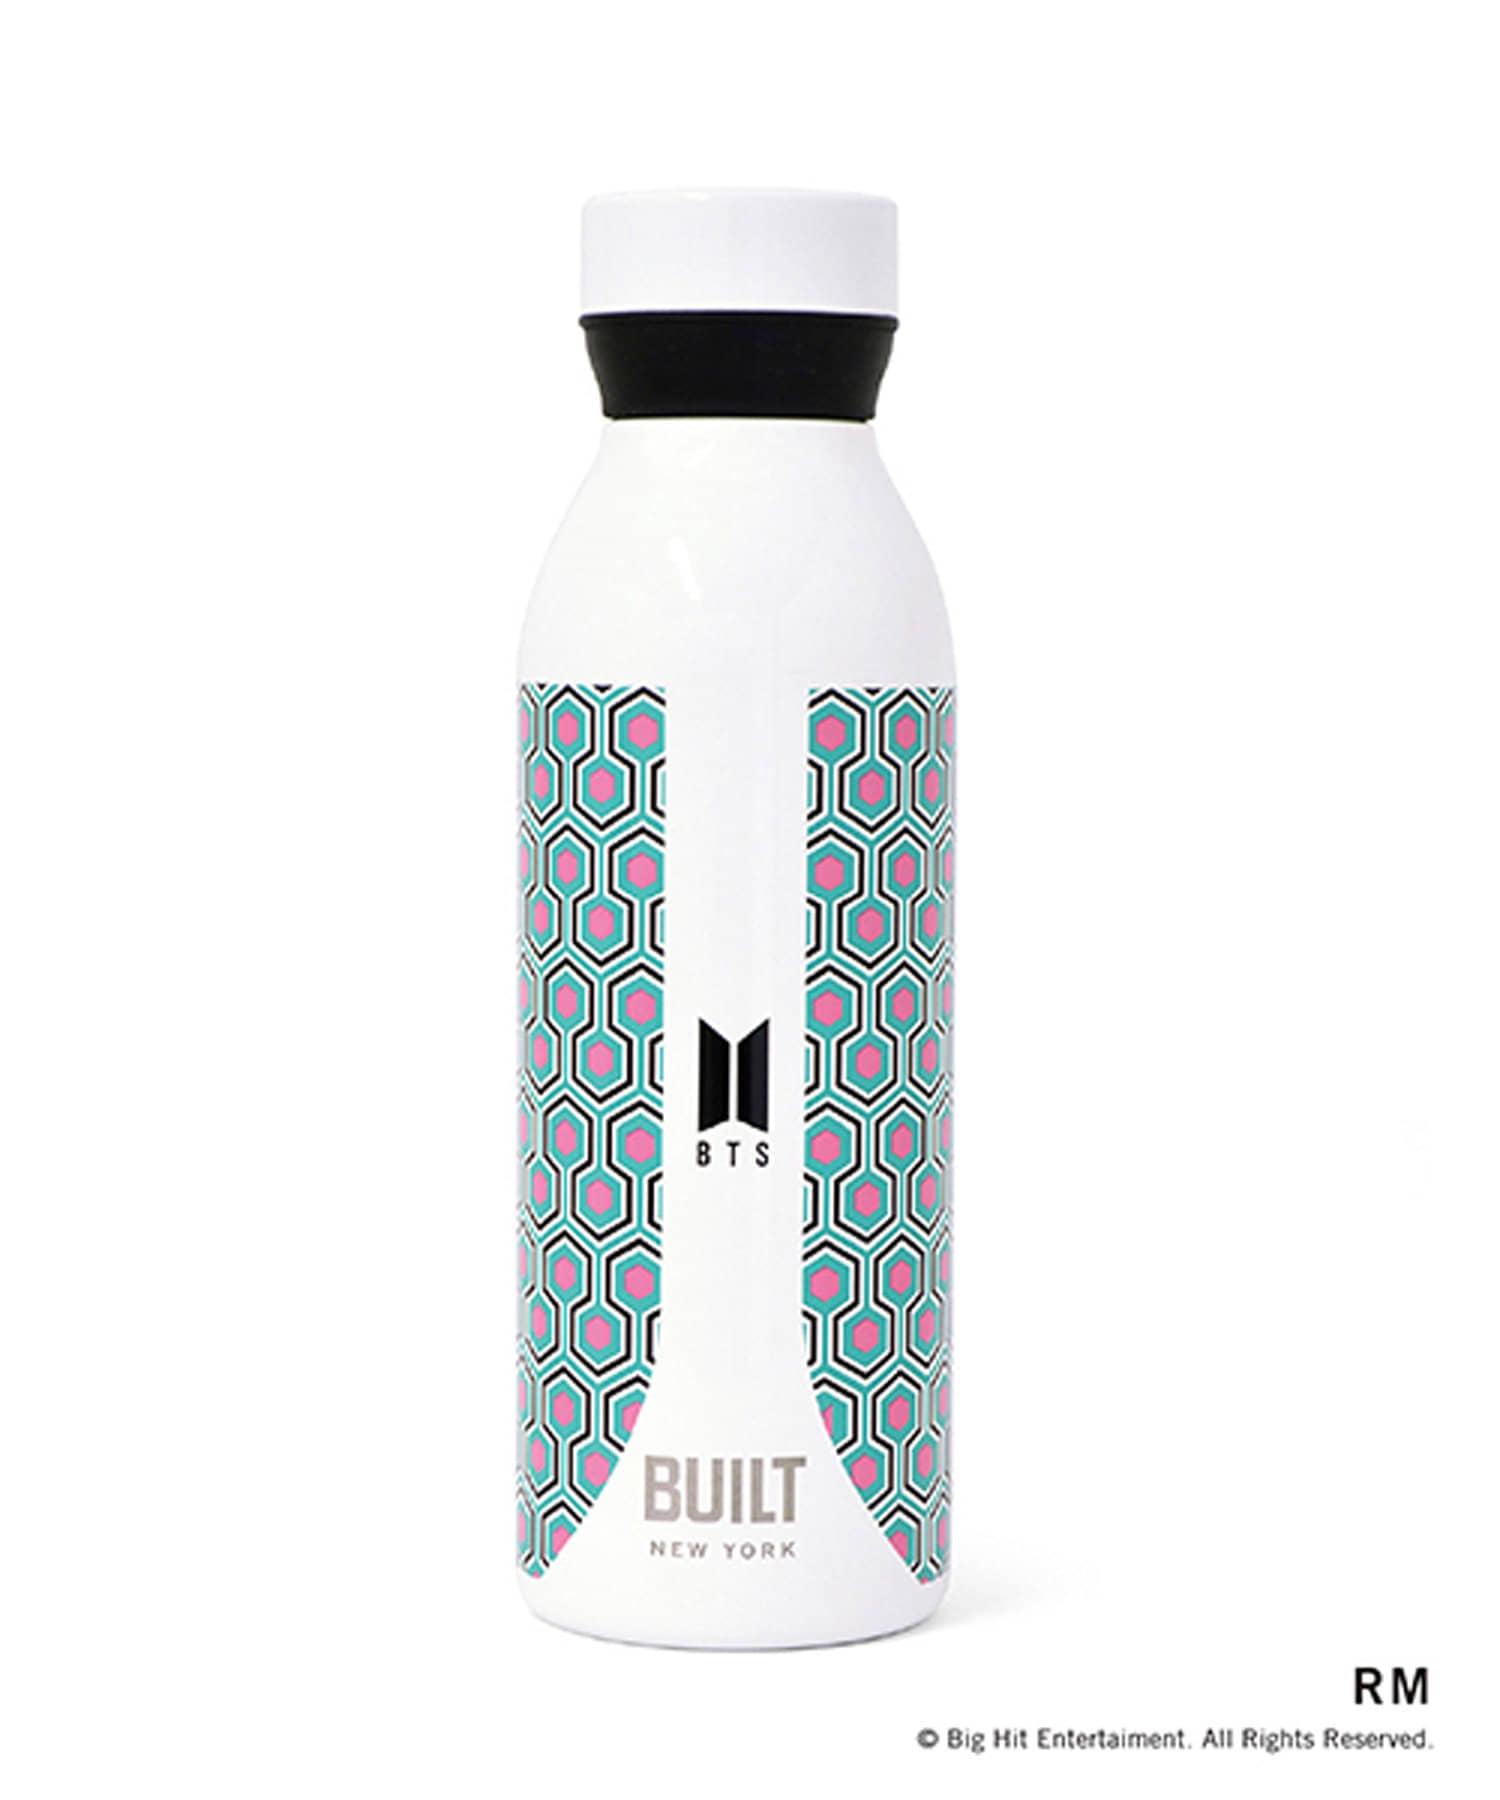 CIAOPANIC TYPY(チャオパニックティピー) ライフスタイル 【BTS×BUILT】 ボトル (RM) 532ml【パルクロ限定】 ミント